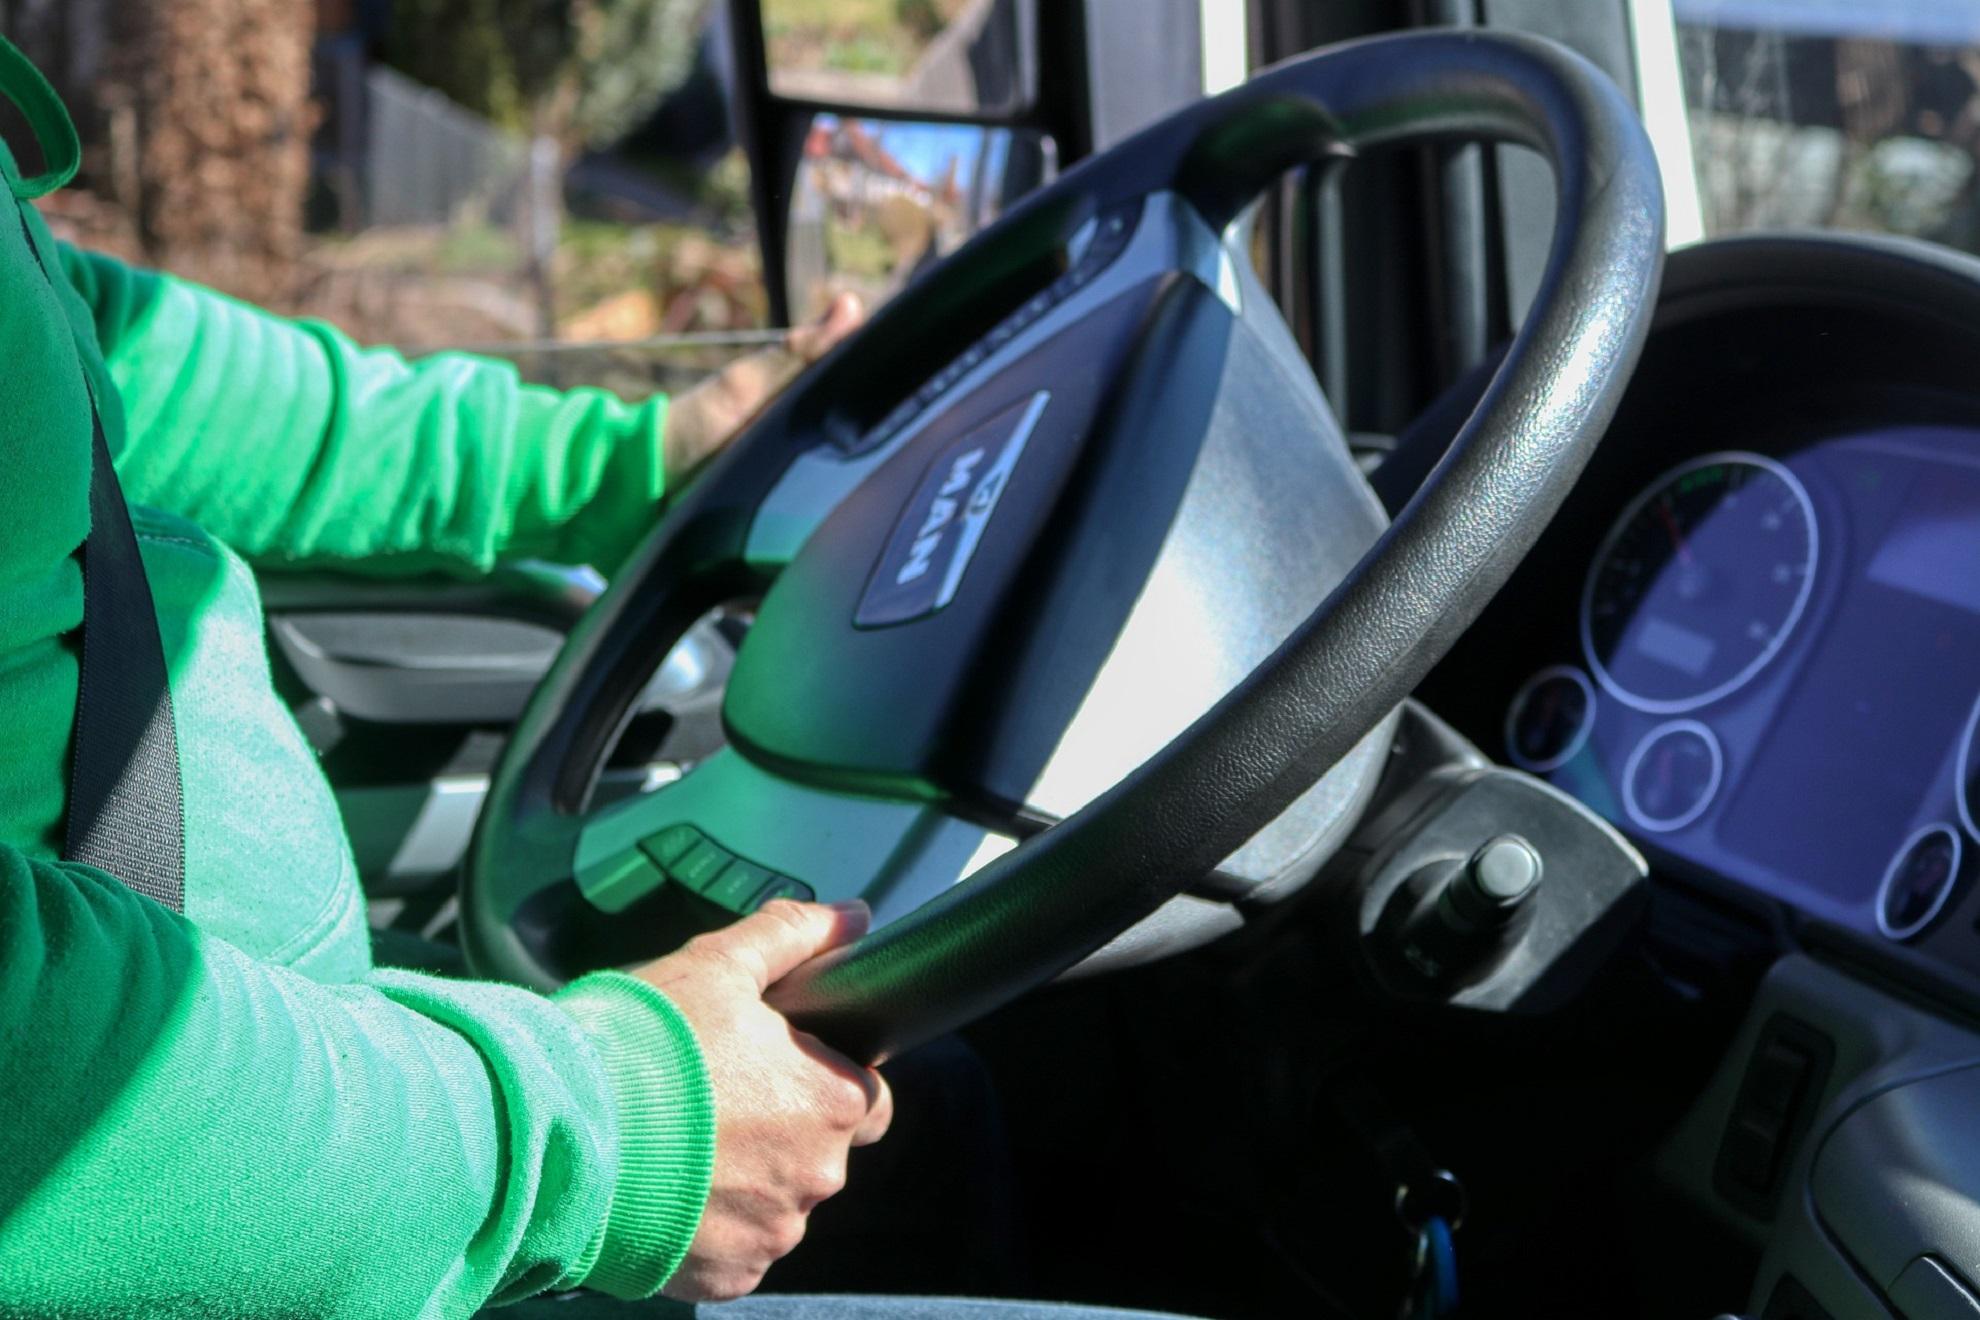 Cursurile pentru obținerea permisului auto au valabilitate extinsă: prelungire dată de Guvern